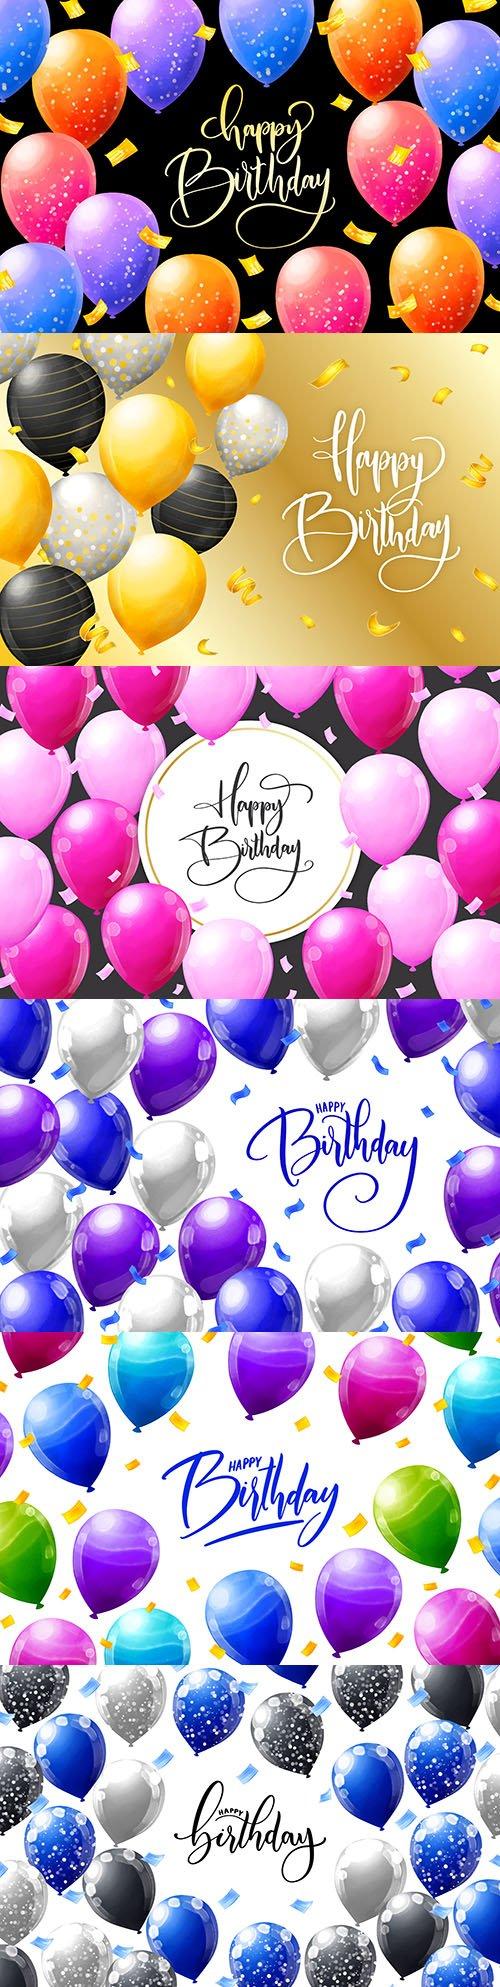 Happy birthday holiday invitation realistic balloons 7